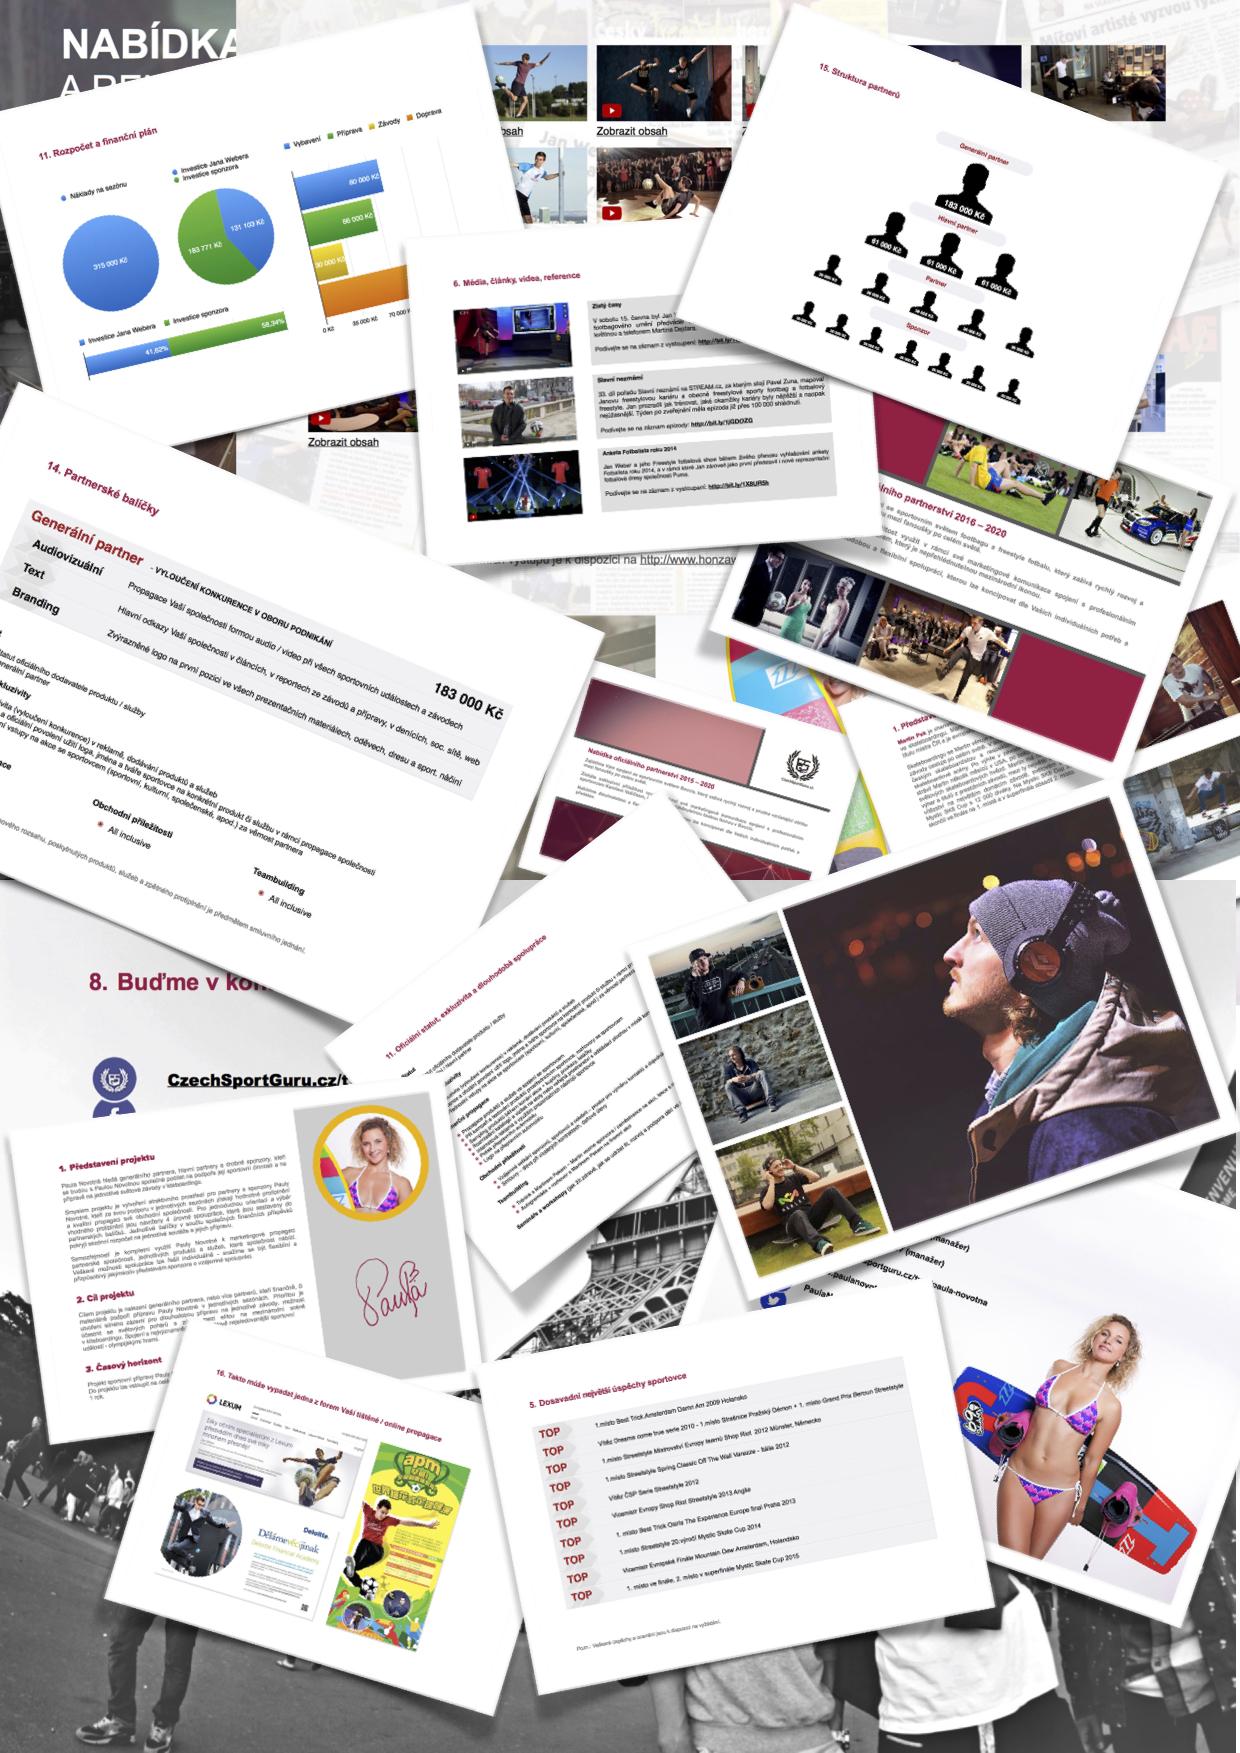 Projektová dokumentace pro jednání se sponzory CzechSportGuru - Hledám sponzora - Jak na sponzoring - Jak oslovit sponzory